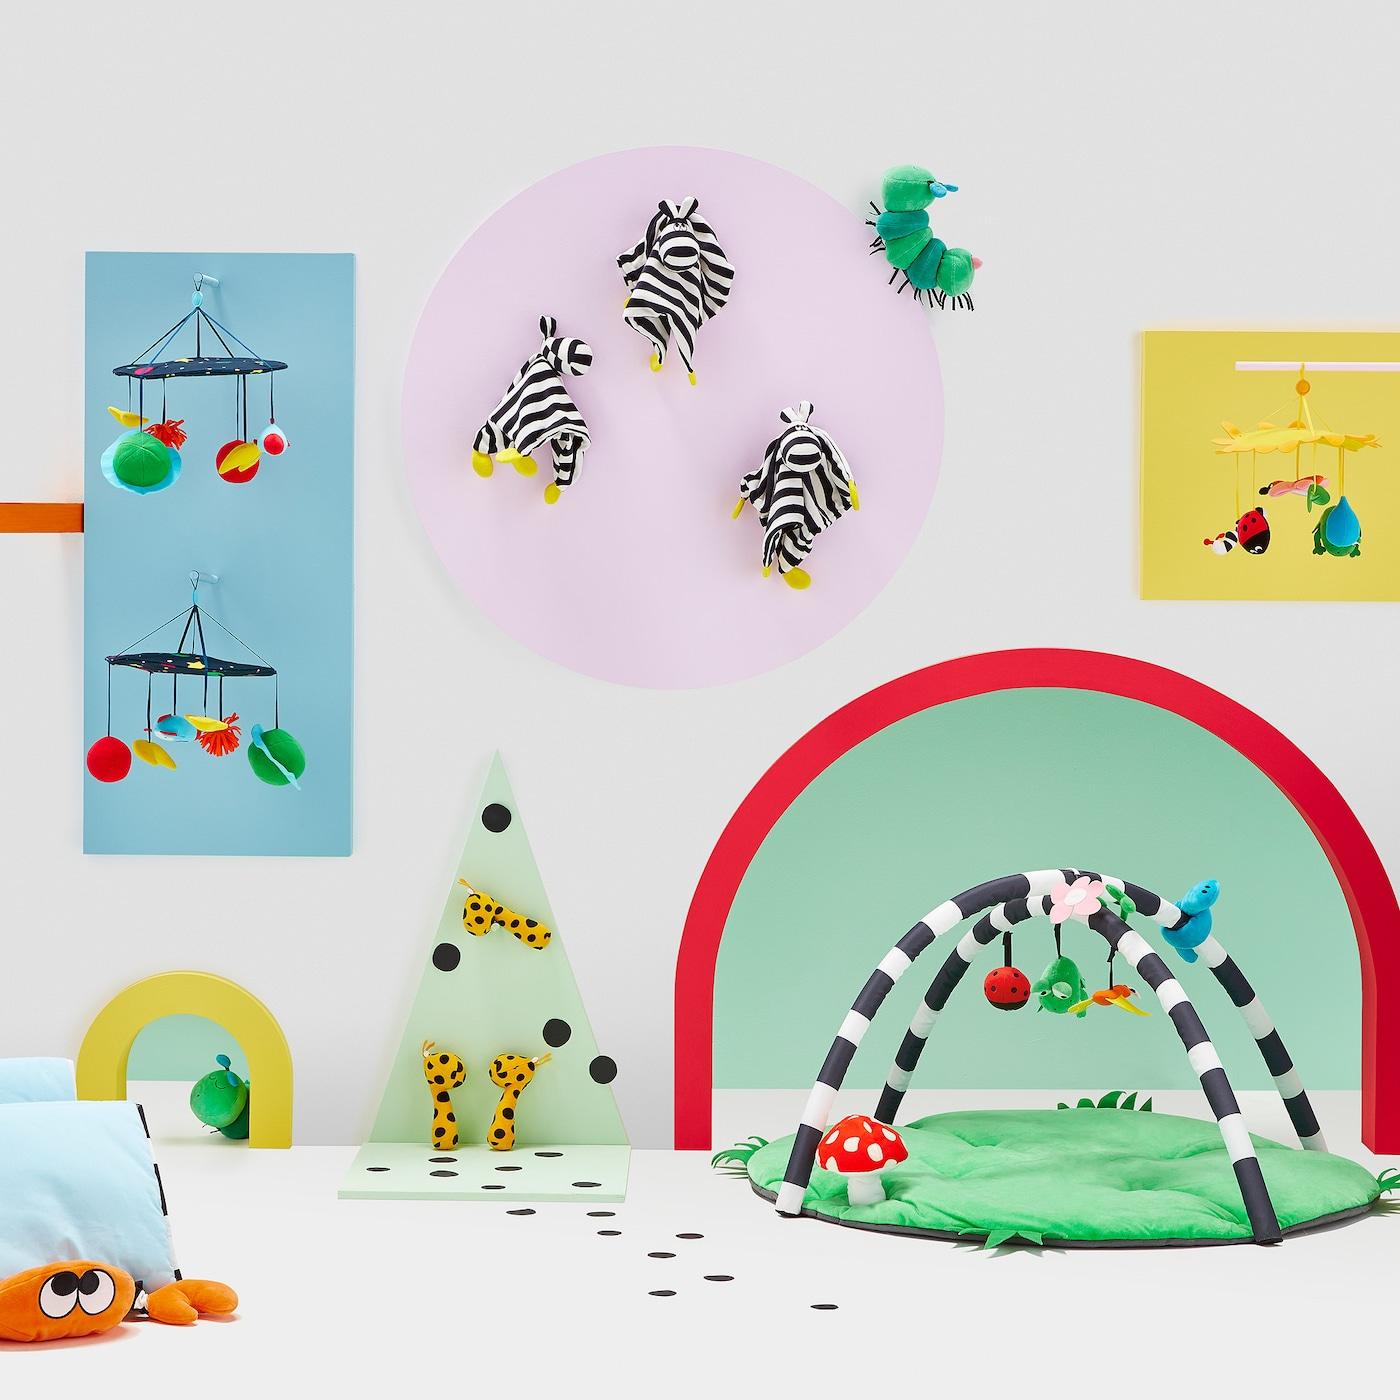 Ein farbenfrohes Babyzimmer mit buntem Babyspielzeug wie Mobile, Kuscheltiere & mehr.